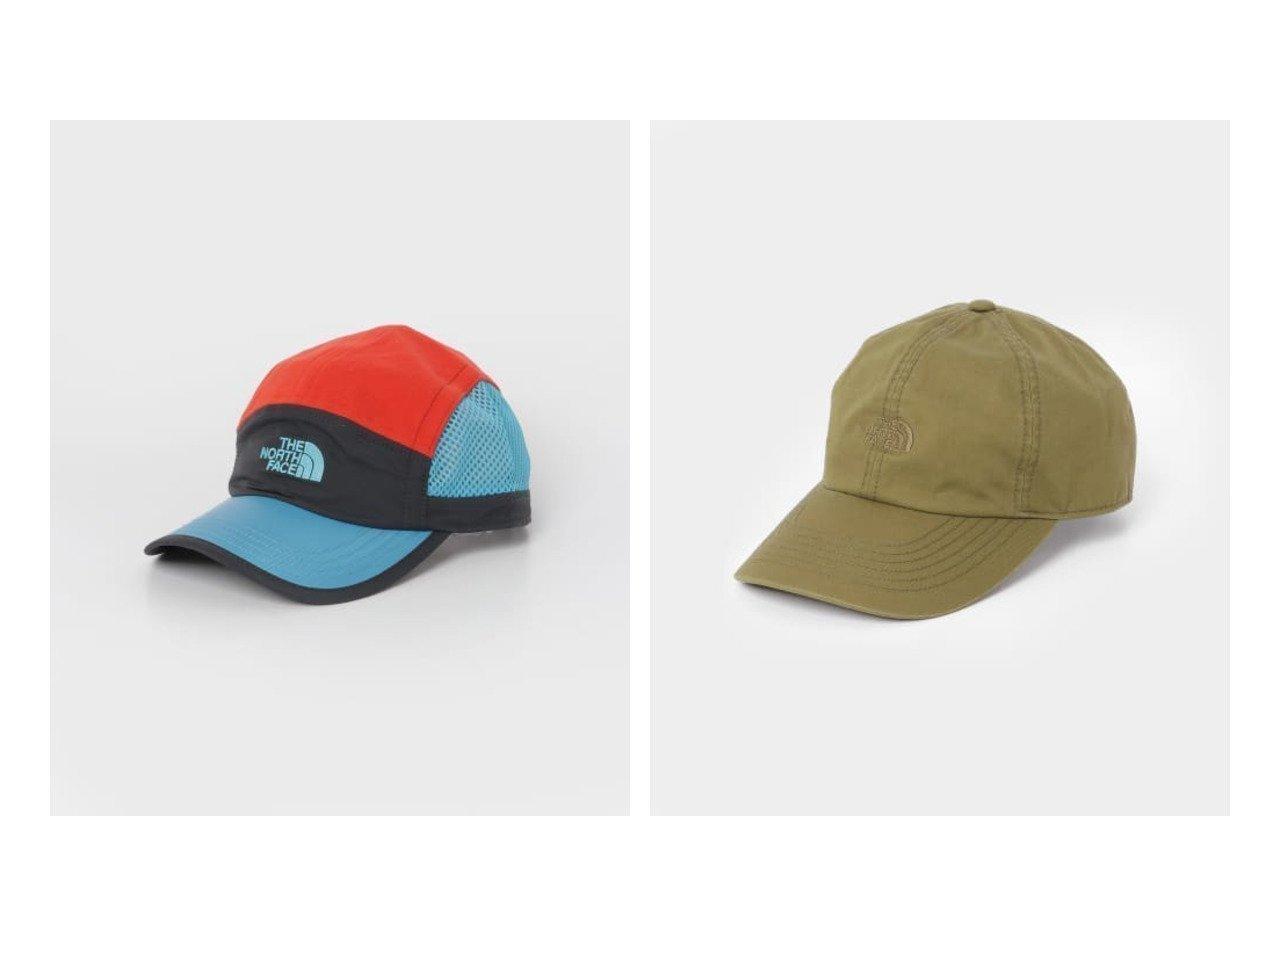 【URBAN RESEARCH / MEN/アーバンリサーチ】のTHE NORTH FACE GORE-TEX TREK CAP&THE NORTH FACE BRIGHT SIDE CAP 【MEN】別注・限定・コラボなど、おすすめ!人気トレンド・メンズファッション通販 おすすめで人気の流行・トレンド、ファッションの通販商品 メンズファッション・キッズファッション・インテリア・家具・レディースファッション・服の通販 founy(ファニー) https://founy.com/ ファッション Fashion メンズファッション MEN アウトドア キャップ コラボ 人気 フィット フェイス フロント 帽子 メッシュ ラウンド ライナー |ID:crp329100000008748